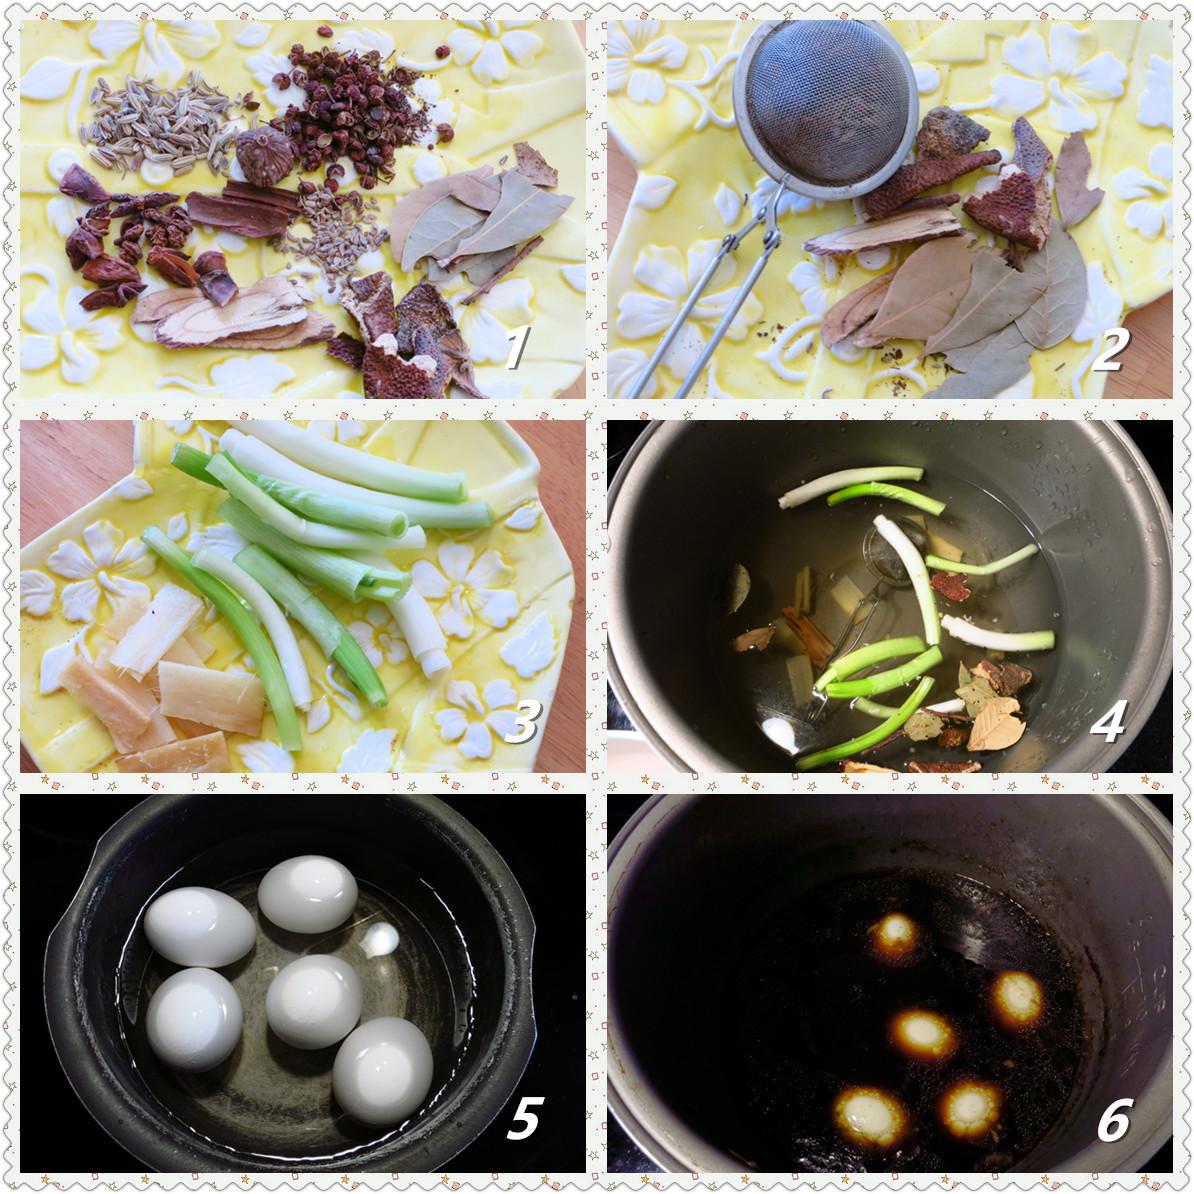 卤水鸡蛋_图1-2